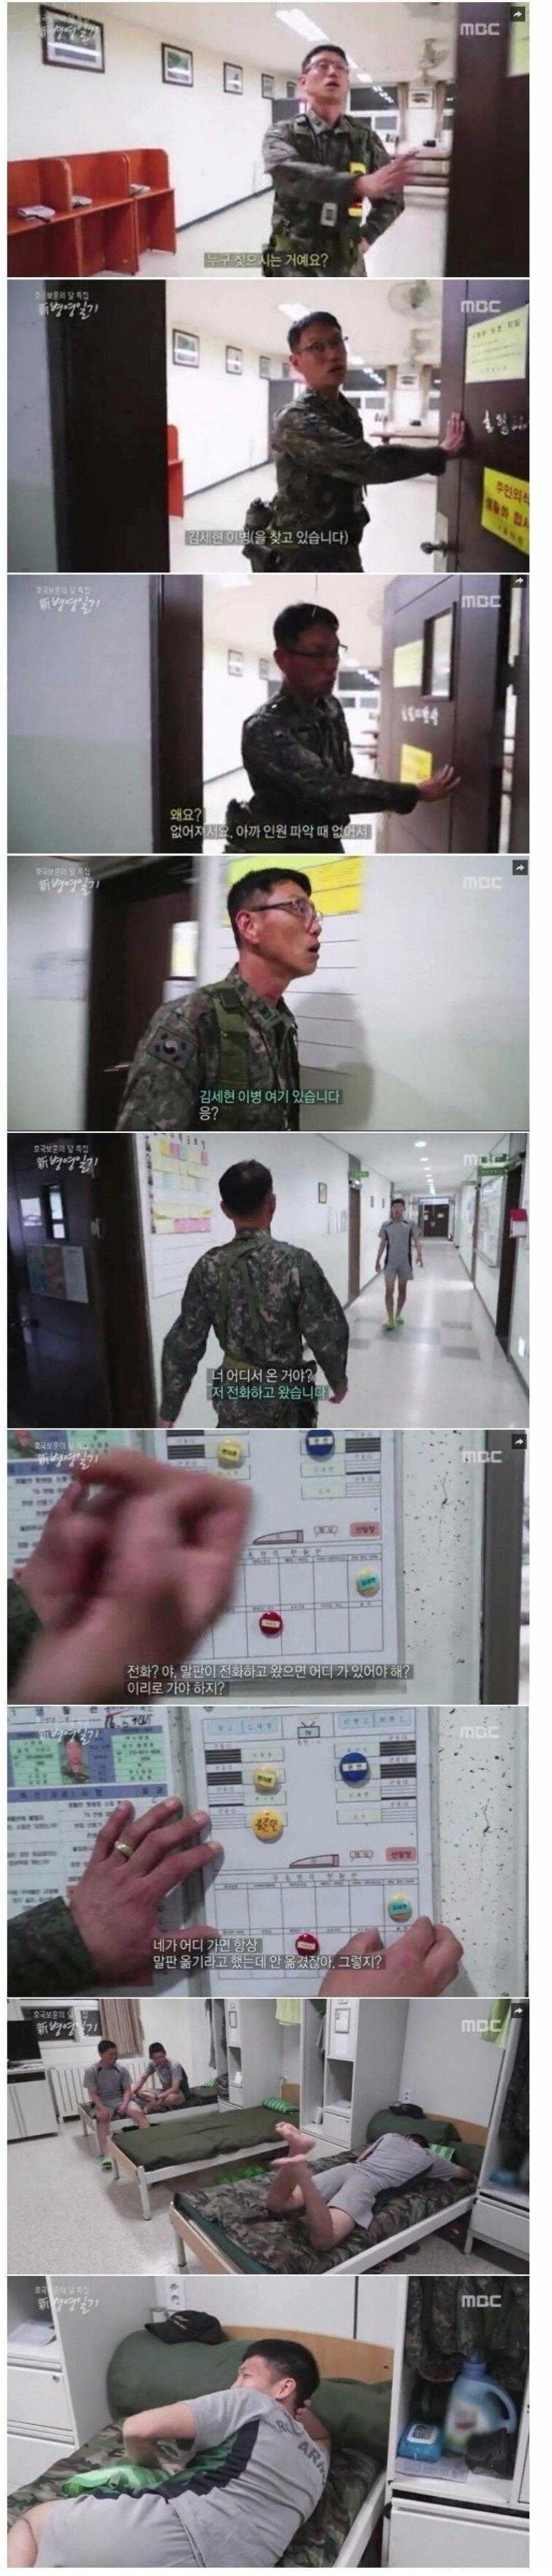 요금 군대...jpg